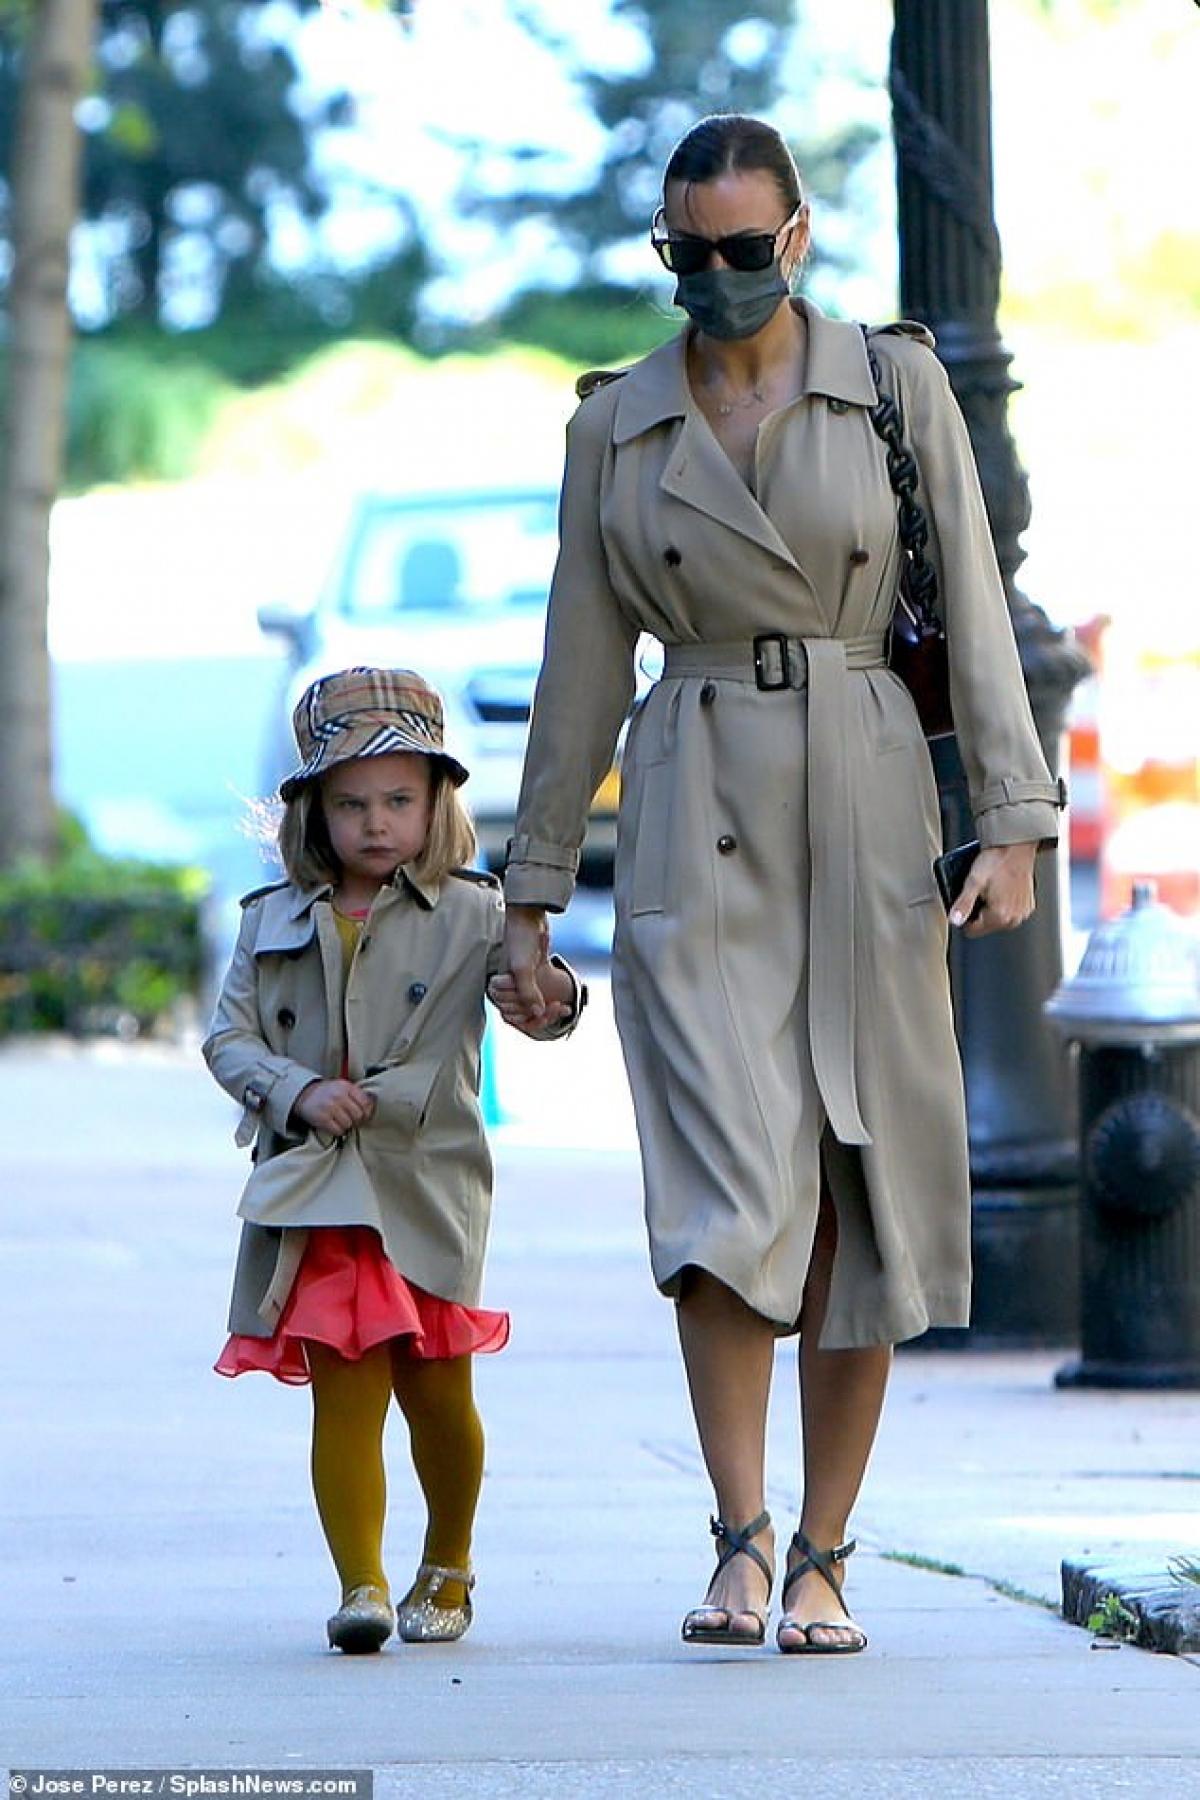 Irina Shayk bị cánh săn ảnh bắt gặp khi đang đưa con gái Lea đi dạo phố ở New York. Hai mẹ con diện áo khoác đôi gây ấn tượng.